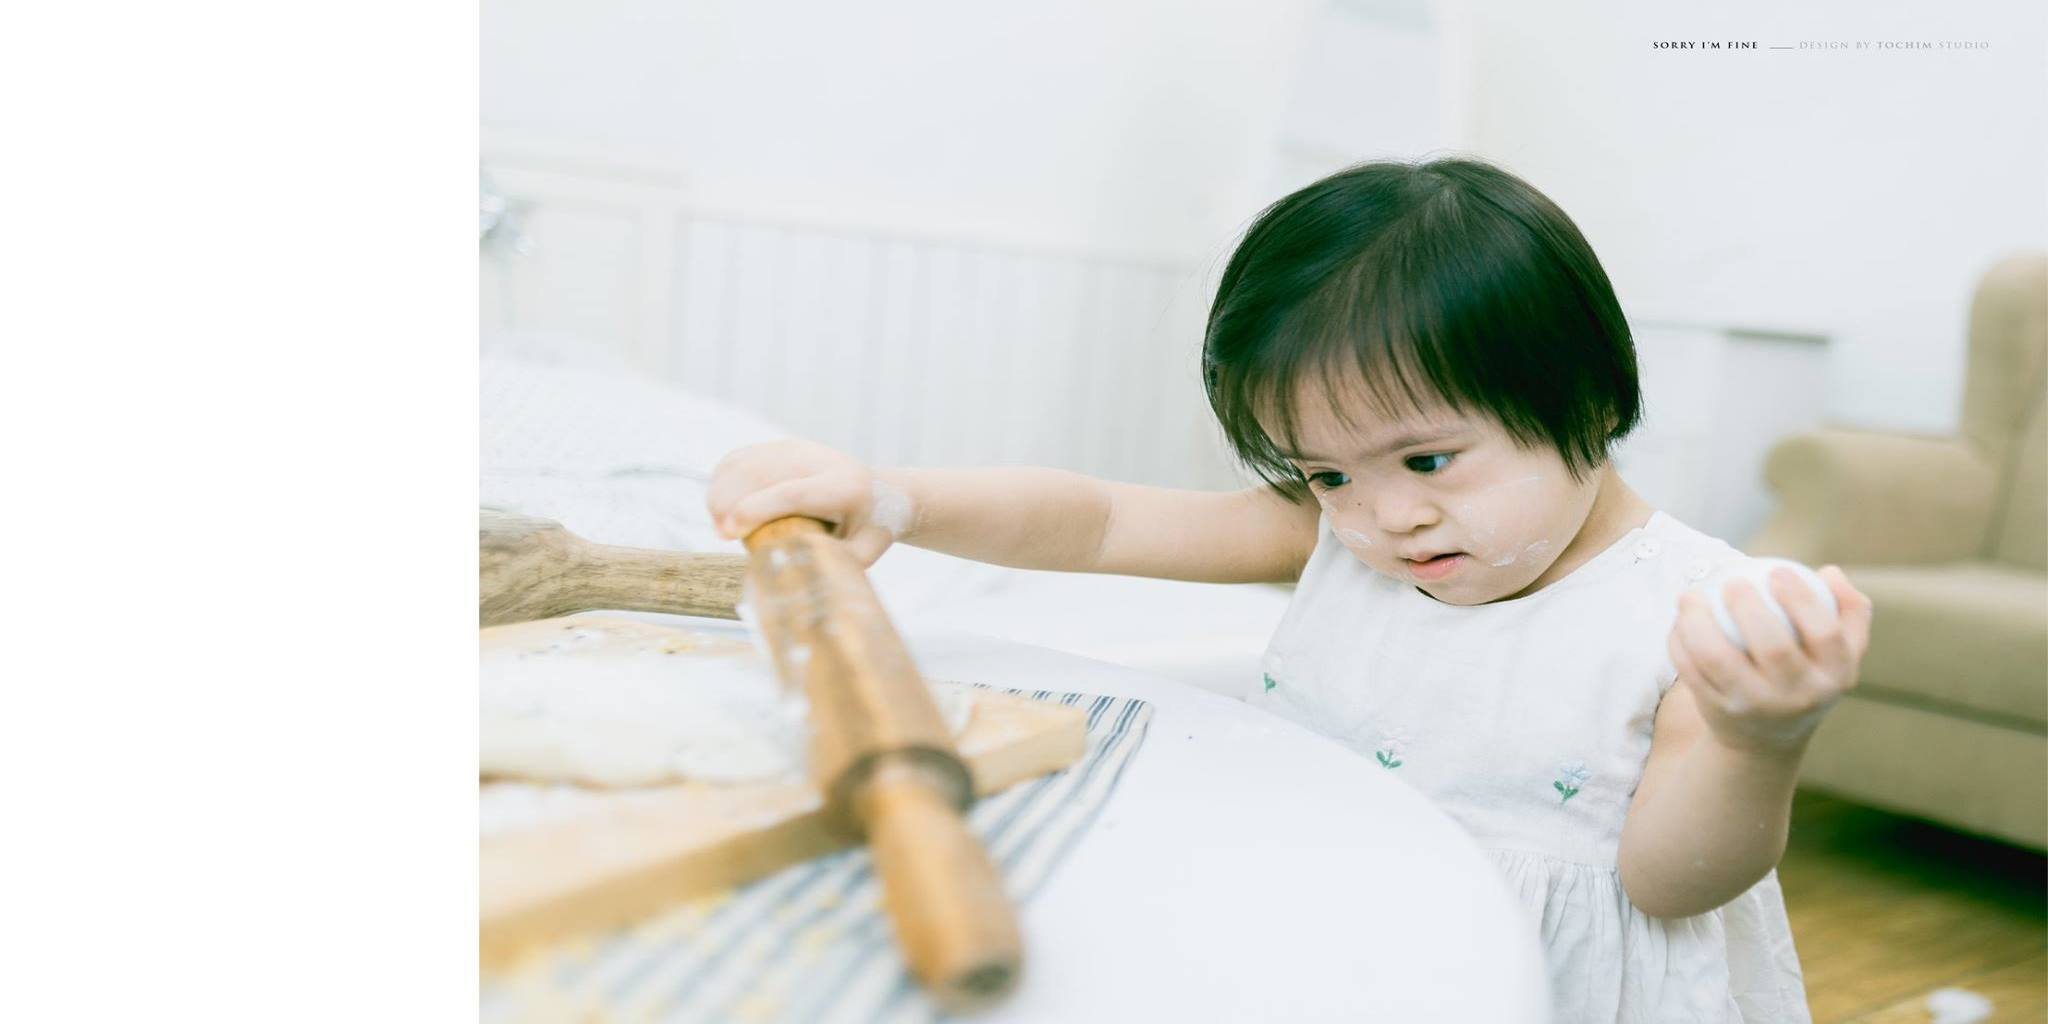 Rất nhiều người truyền tai nhau rằng việc khám thai quá nhiều sẽ ảnh hưởng đến đứa trẻ. Thậm chí có cả trường hợp đến ngày sinh mới vào viện. Hiểu biết sai lệch về khám thai như thế rất nguy hiểm đến sức khỏe cho cả mẹ lẫn con.